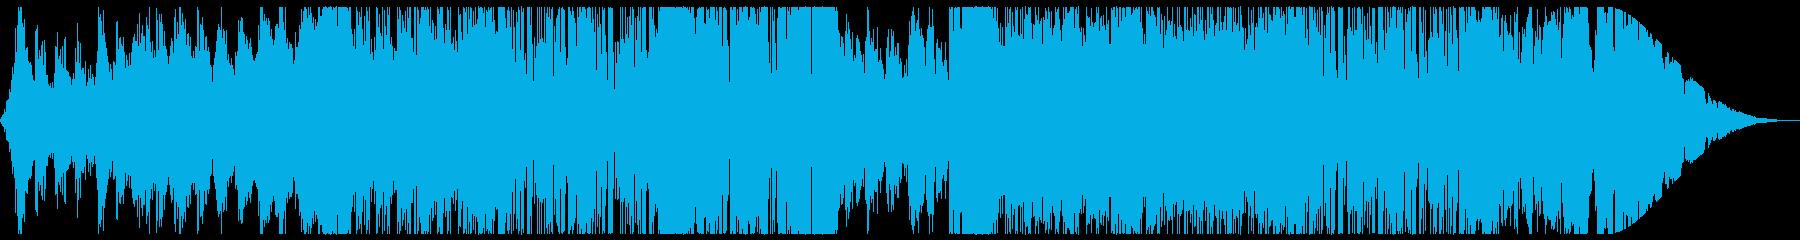 レトロなテクノ・Synthwave:フルの再生済みの波形